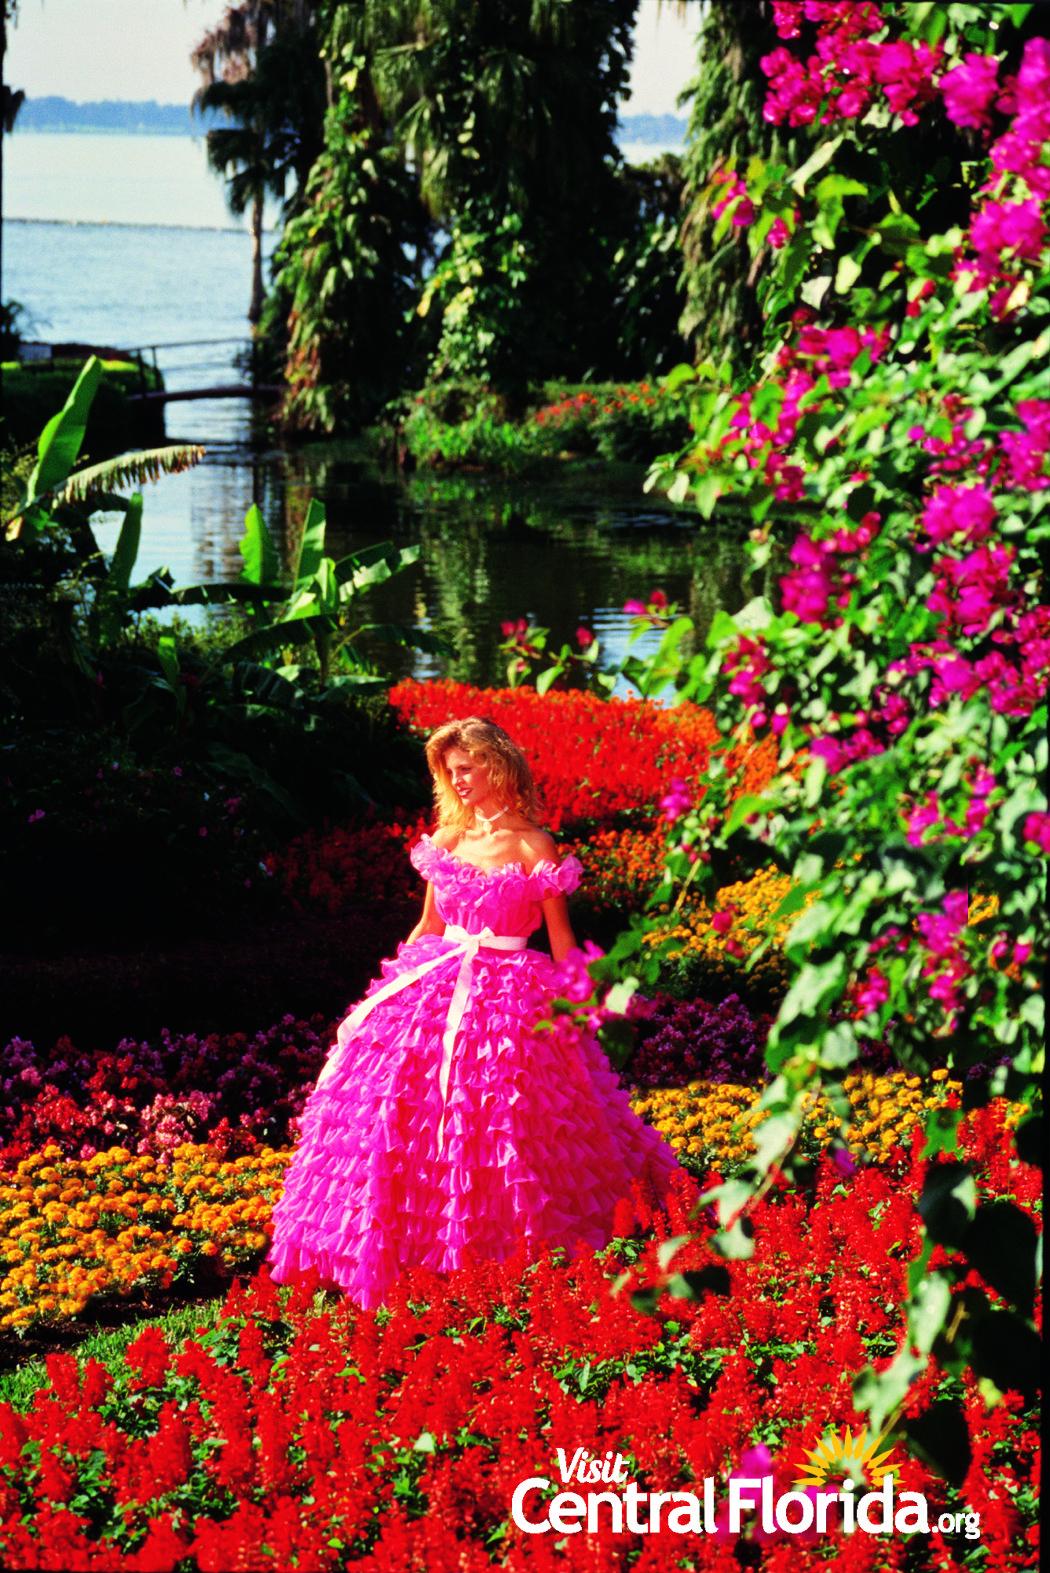 6bdc4f737c274c4c82bd474c8e3c3834 - Is Cypress Gardens In Florida Still Open